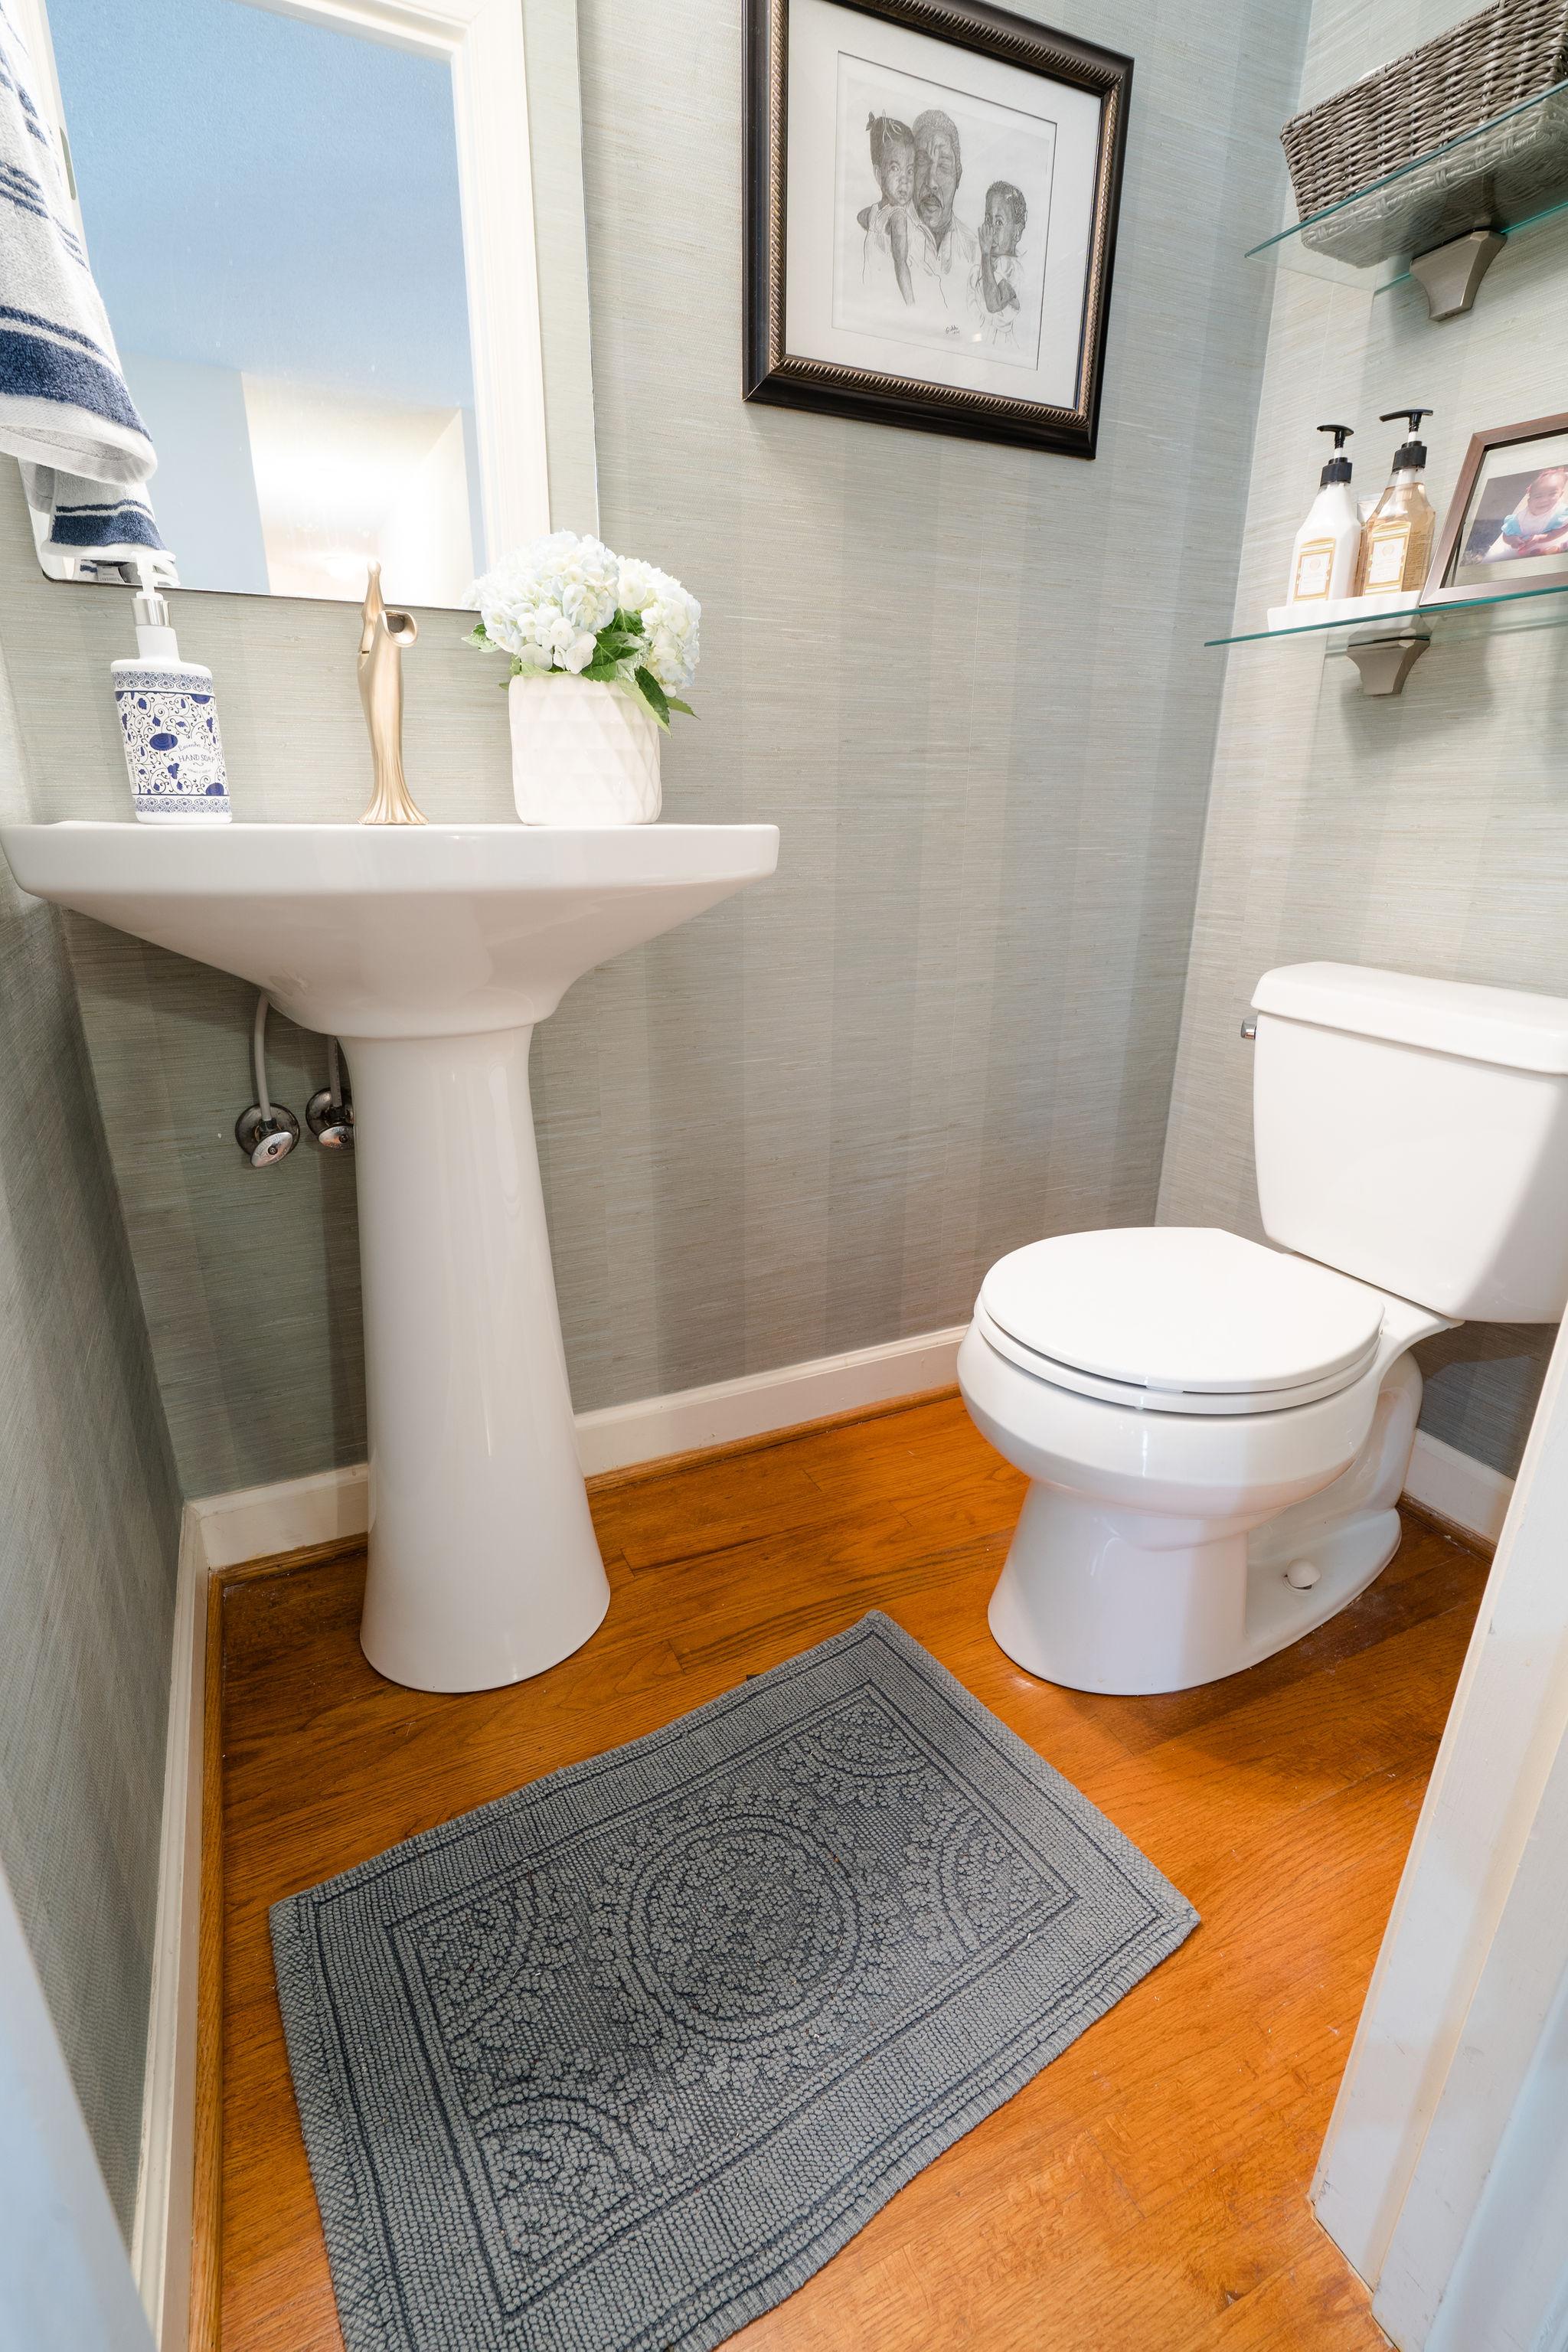 Niki McNeill Raleigh NC Interior Designer SingleBubblePop Design Studio Bathroom Renovation Remodel Refresh Pfister faucets7.jpg